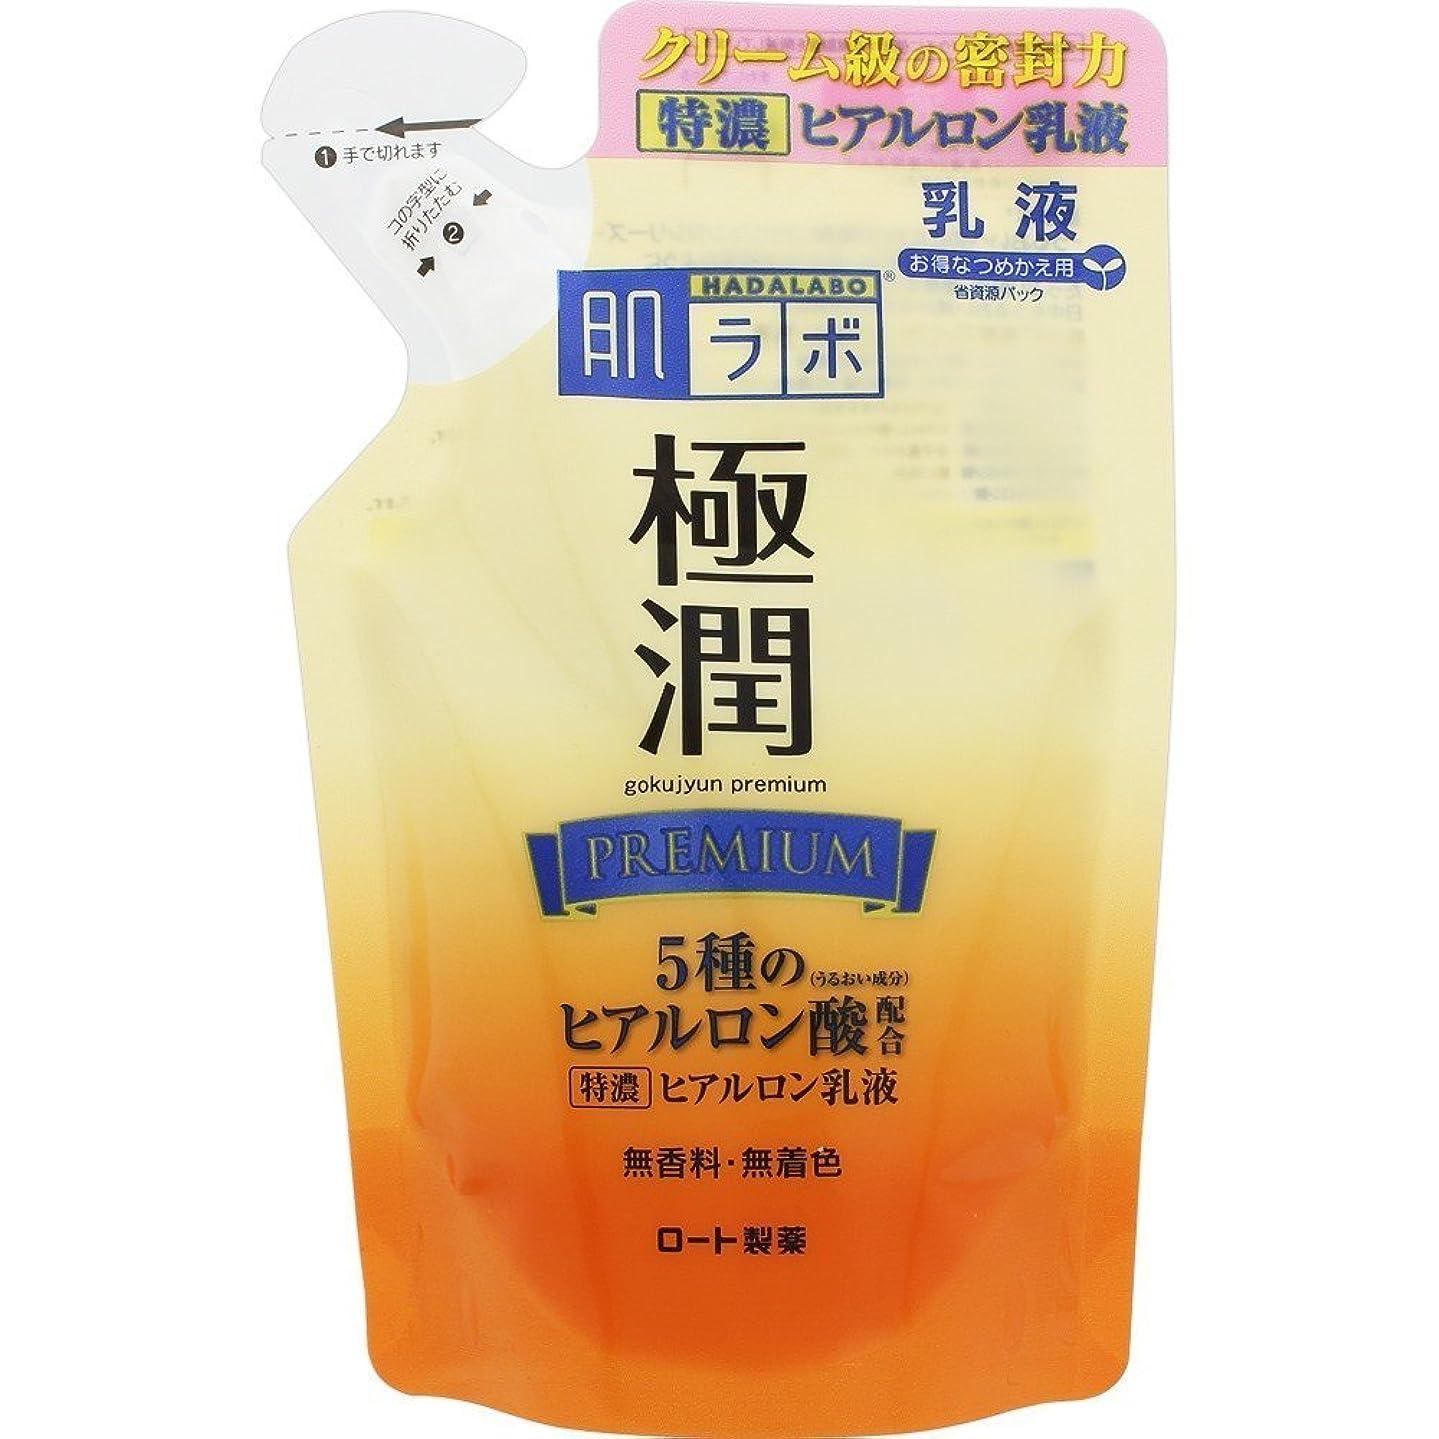 ディレクトリ緑華氏肌ラボ 極潤プレミアム ヒアルロン乳液 <つめかえ用> 140mL